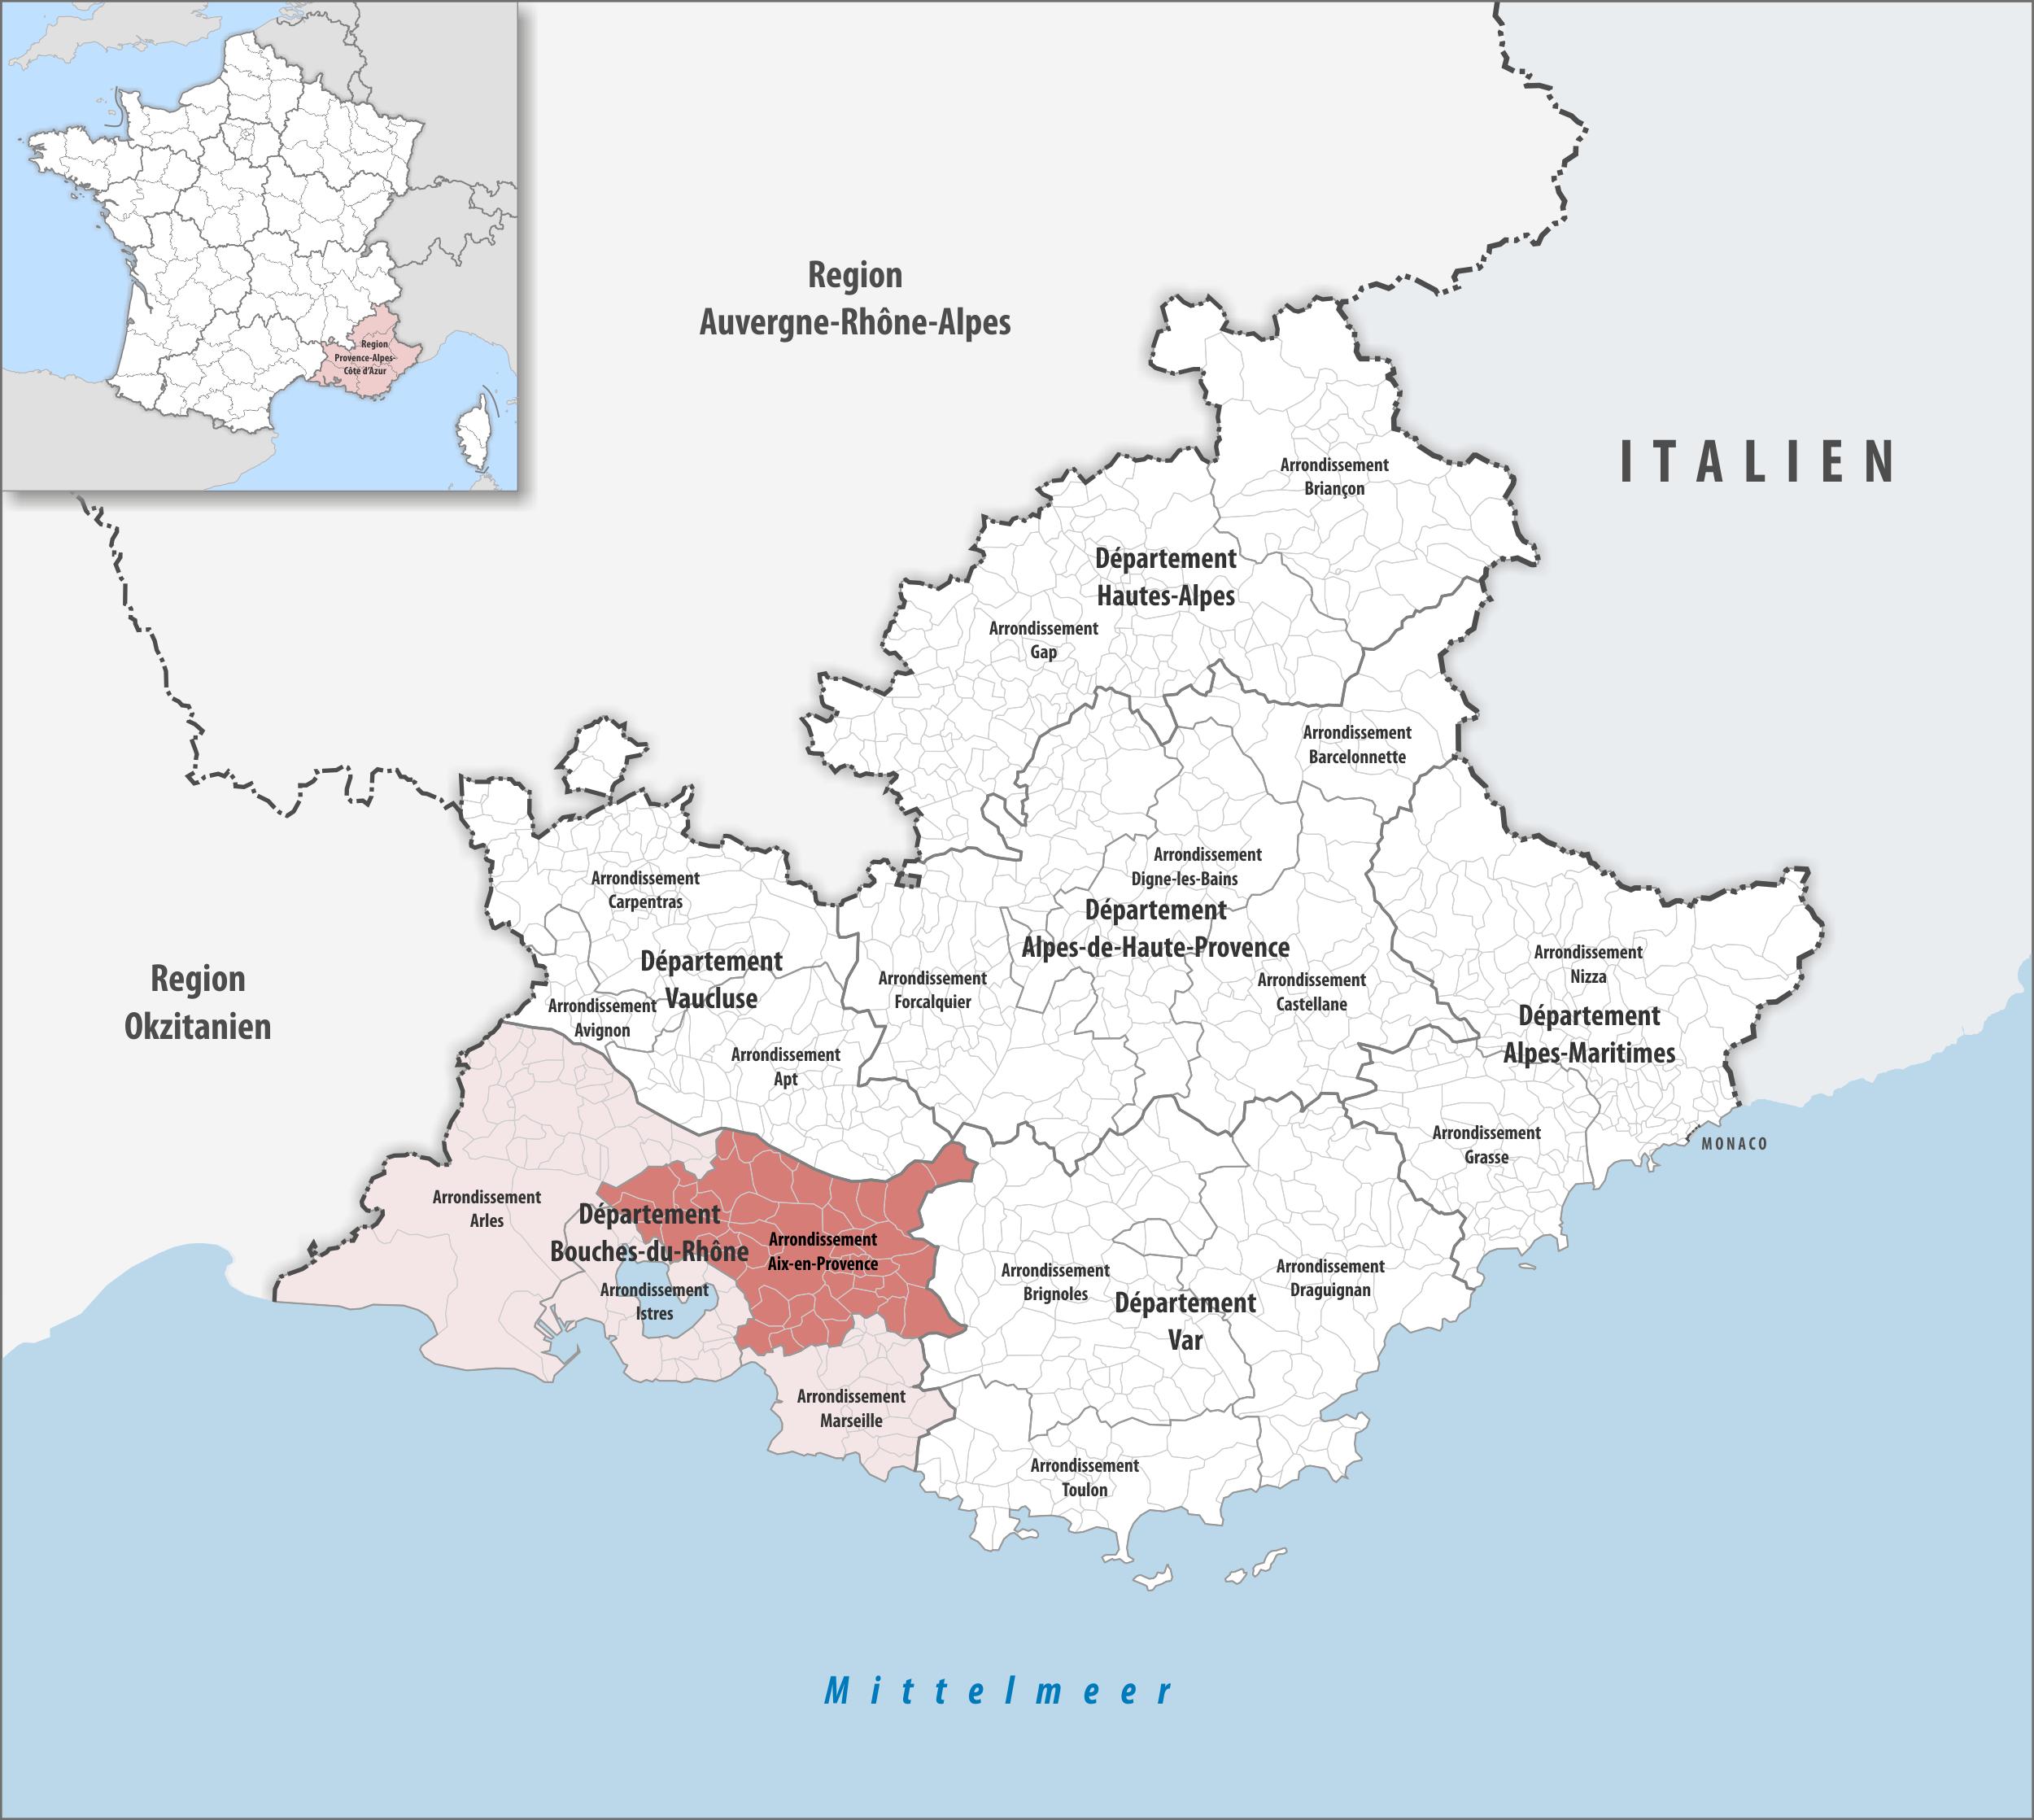 FileLocator map of Arrondissement AixenProvence 2017png